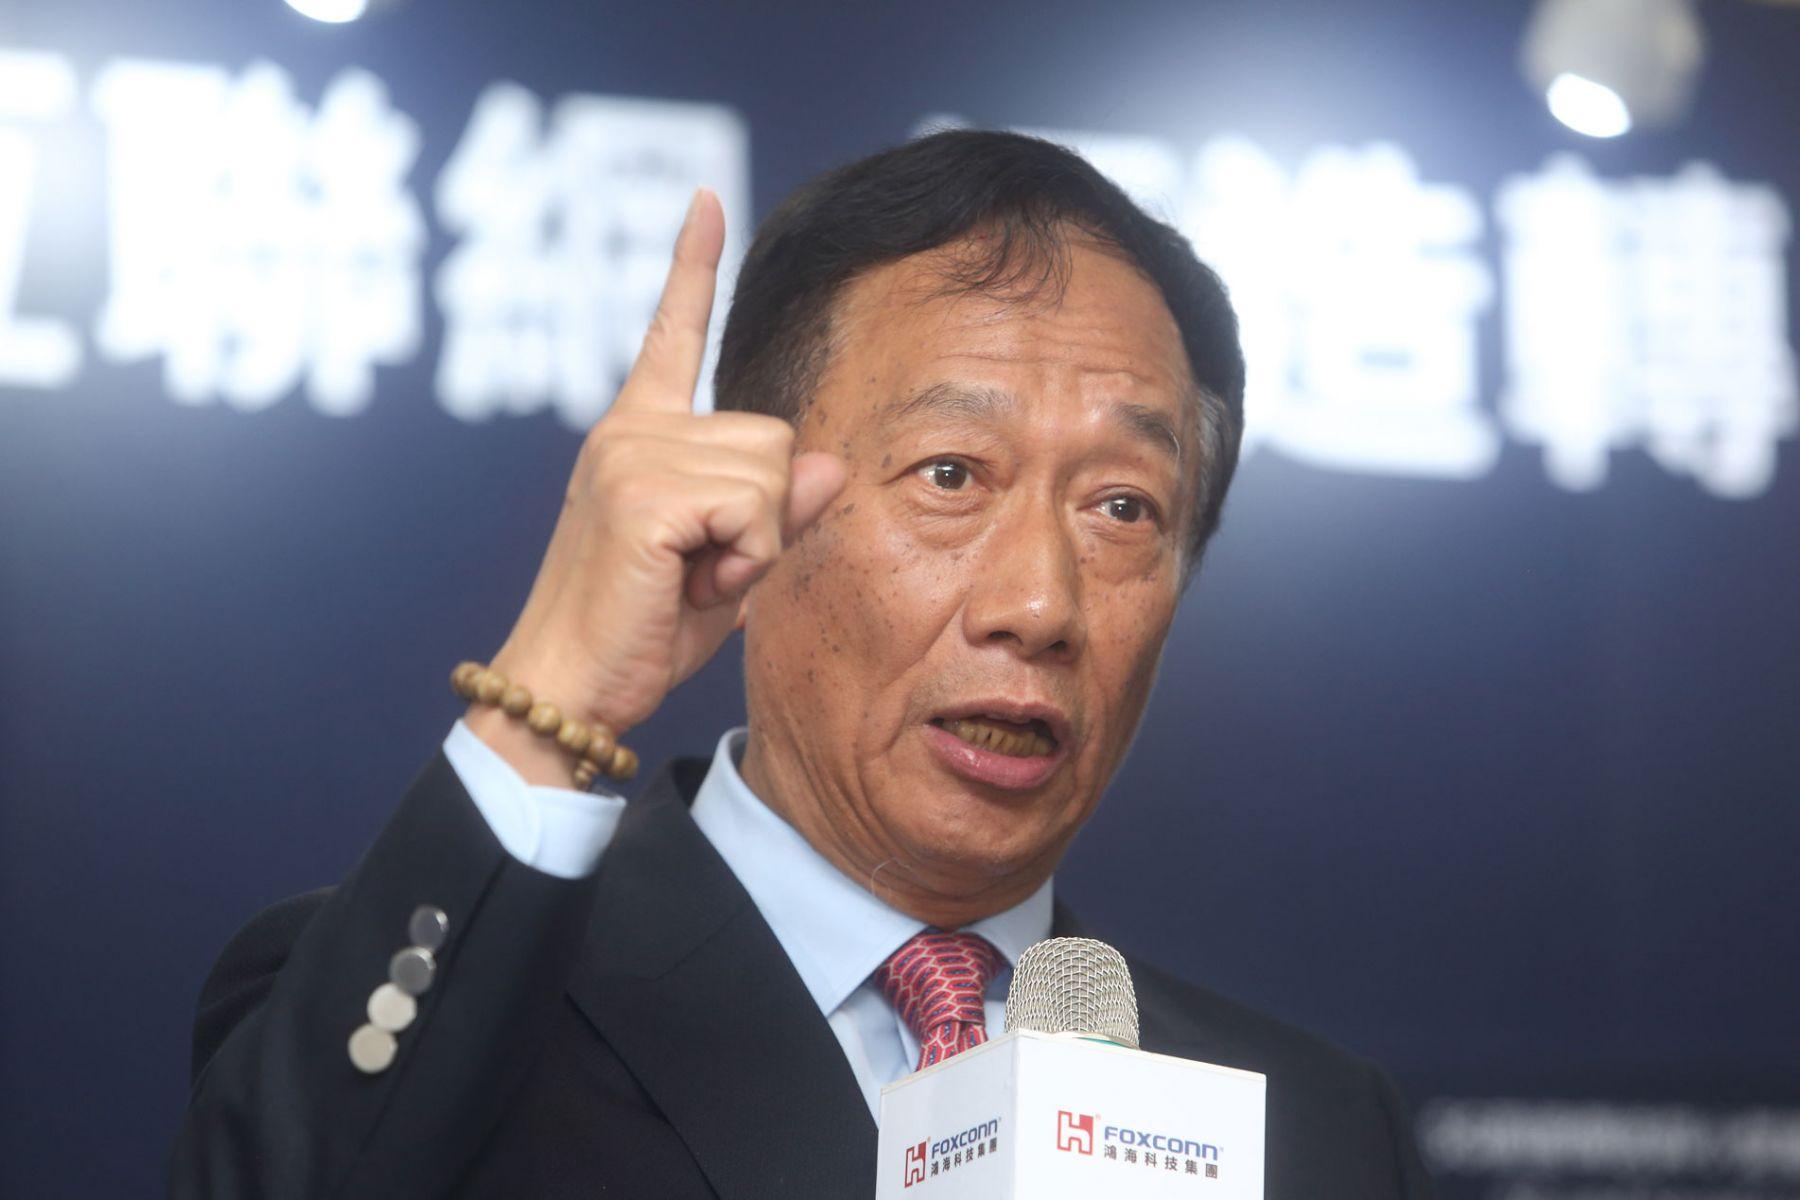 鴻海切割FII公司赴陸掛牌 小股民權益郭董應該重視